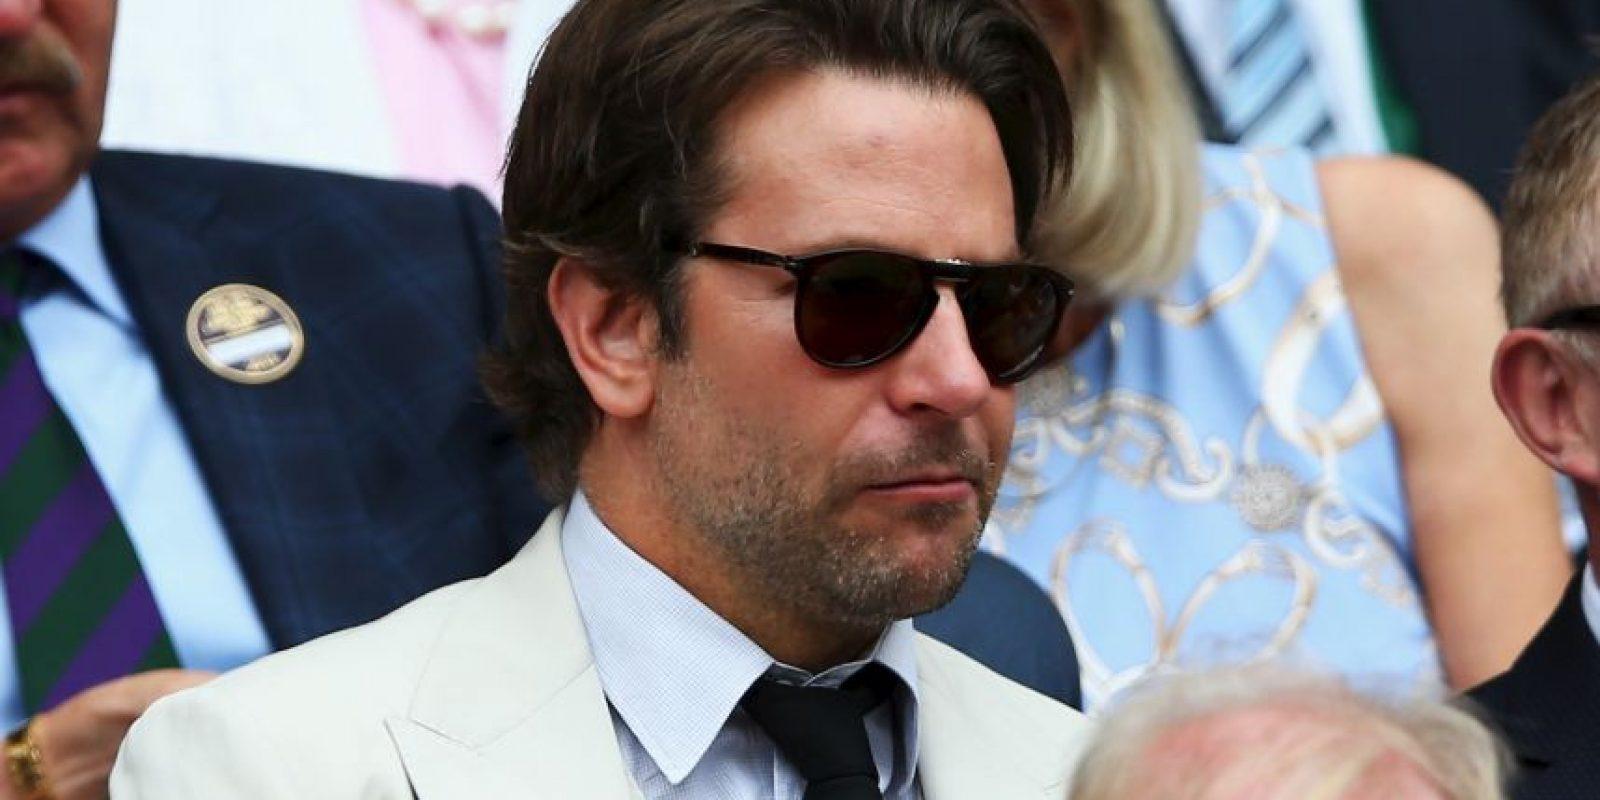 El actor estadounidense Bradley Cooper también lució elegante en Wimbledon. Foto:Getty Images